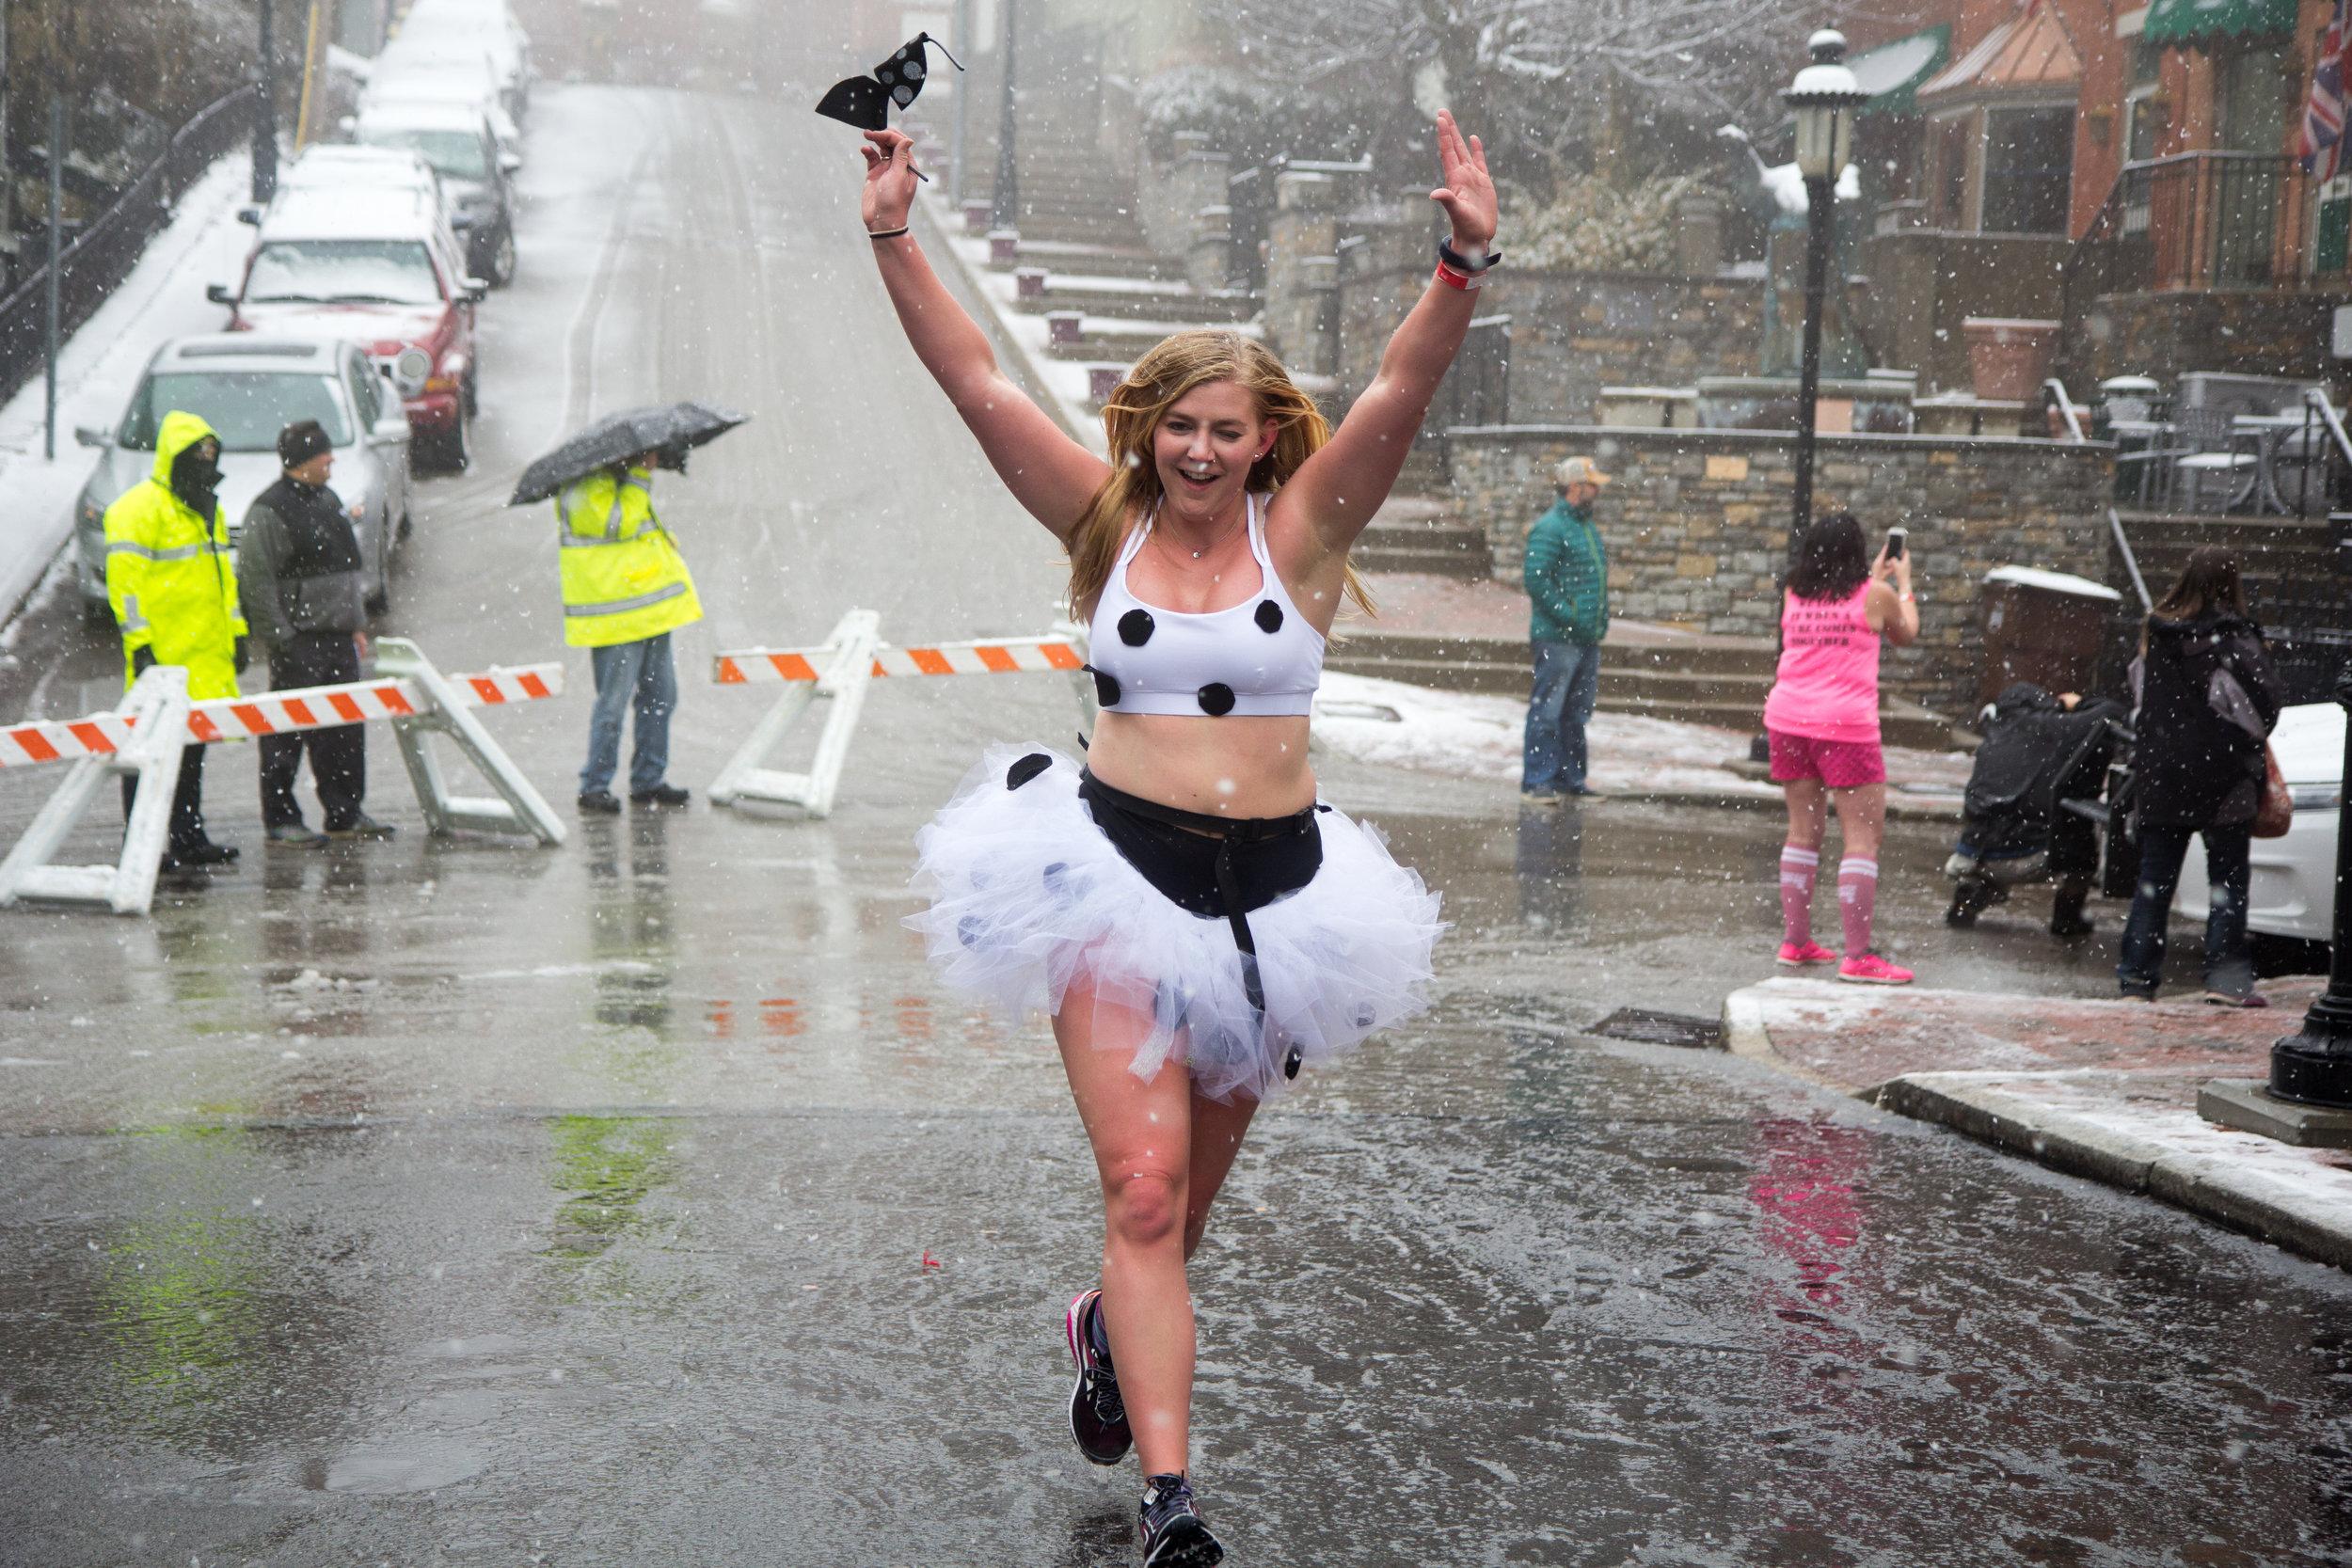 CaseyMillerPhoto - Cupid Undie Run 2018  (135 of 252).jpg